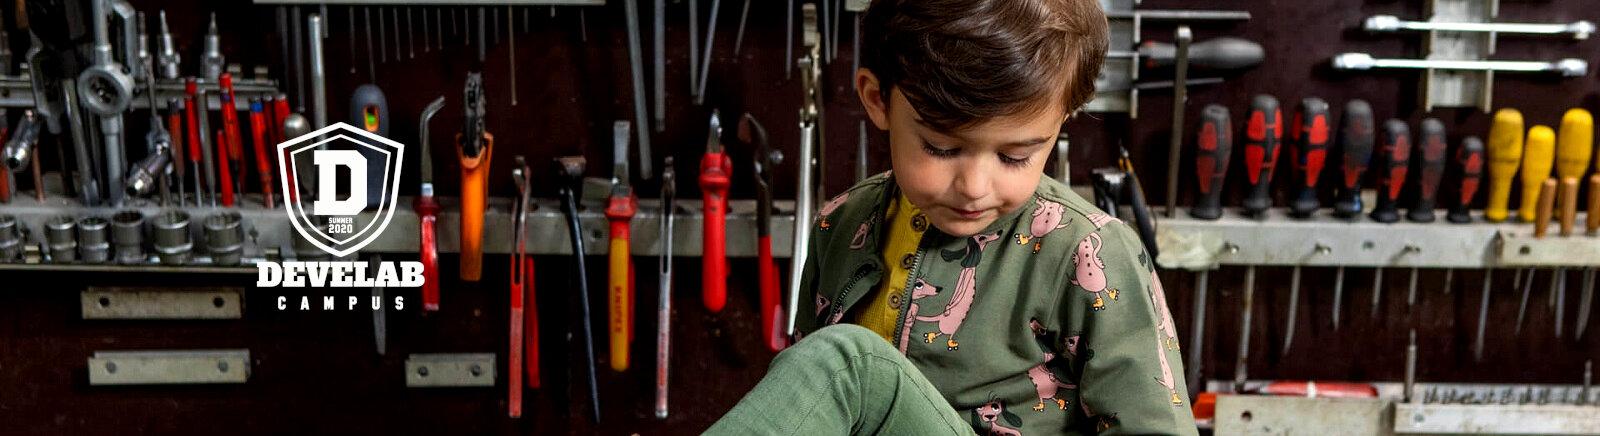 Develab Lauflernschuhe für Kinder im Online-Shop von GISY kaufen